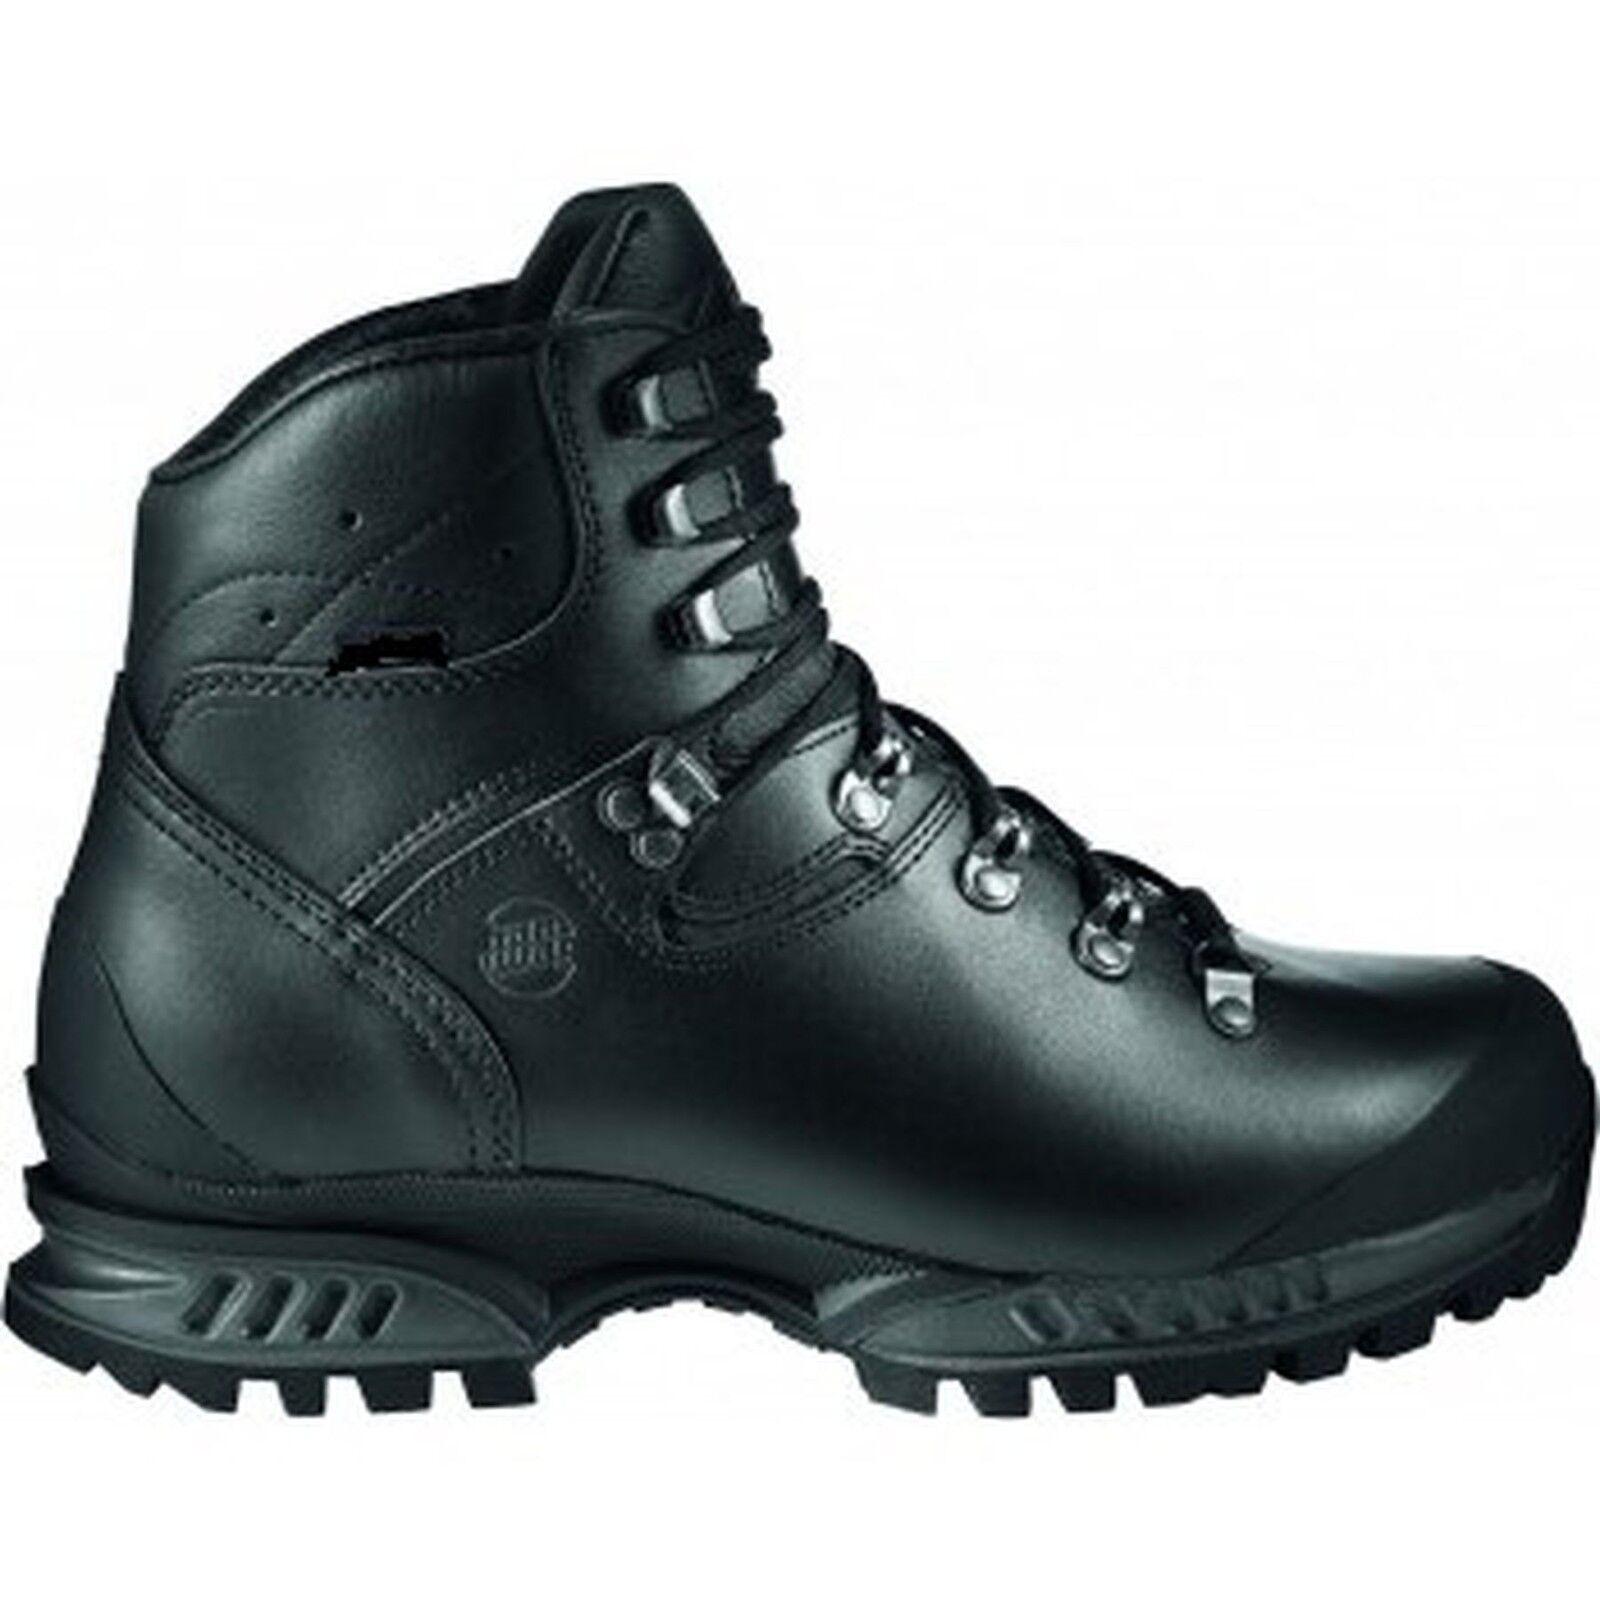 Hanwag zapatos de montaña  Tatra Lady cuero tamaño 7,5 - 41,5 negro